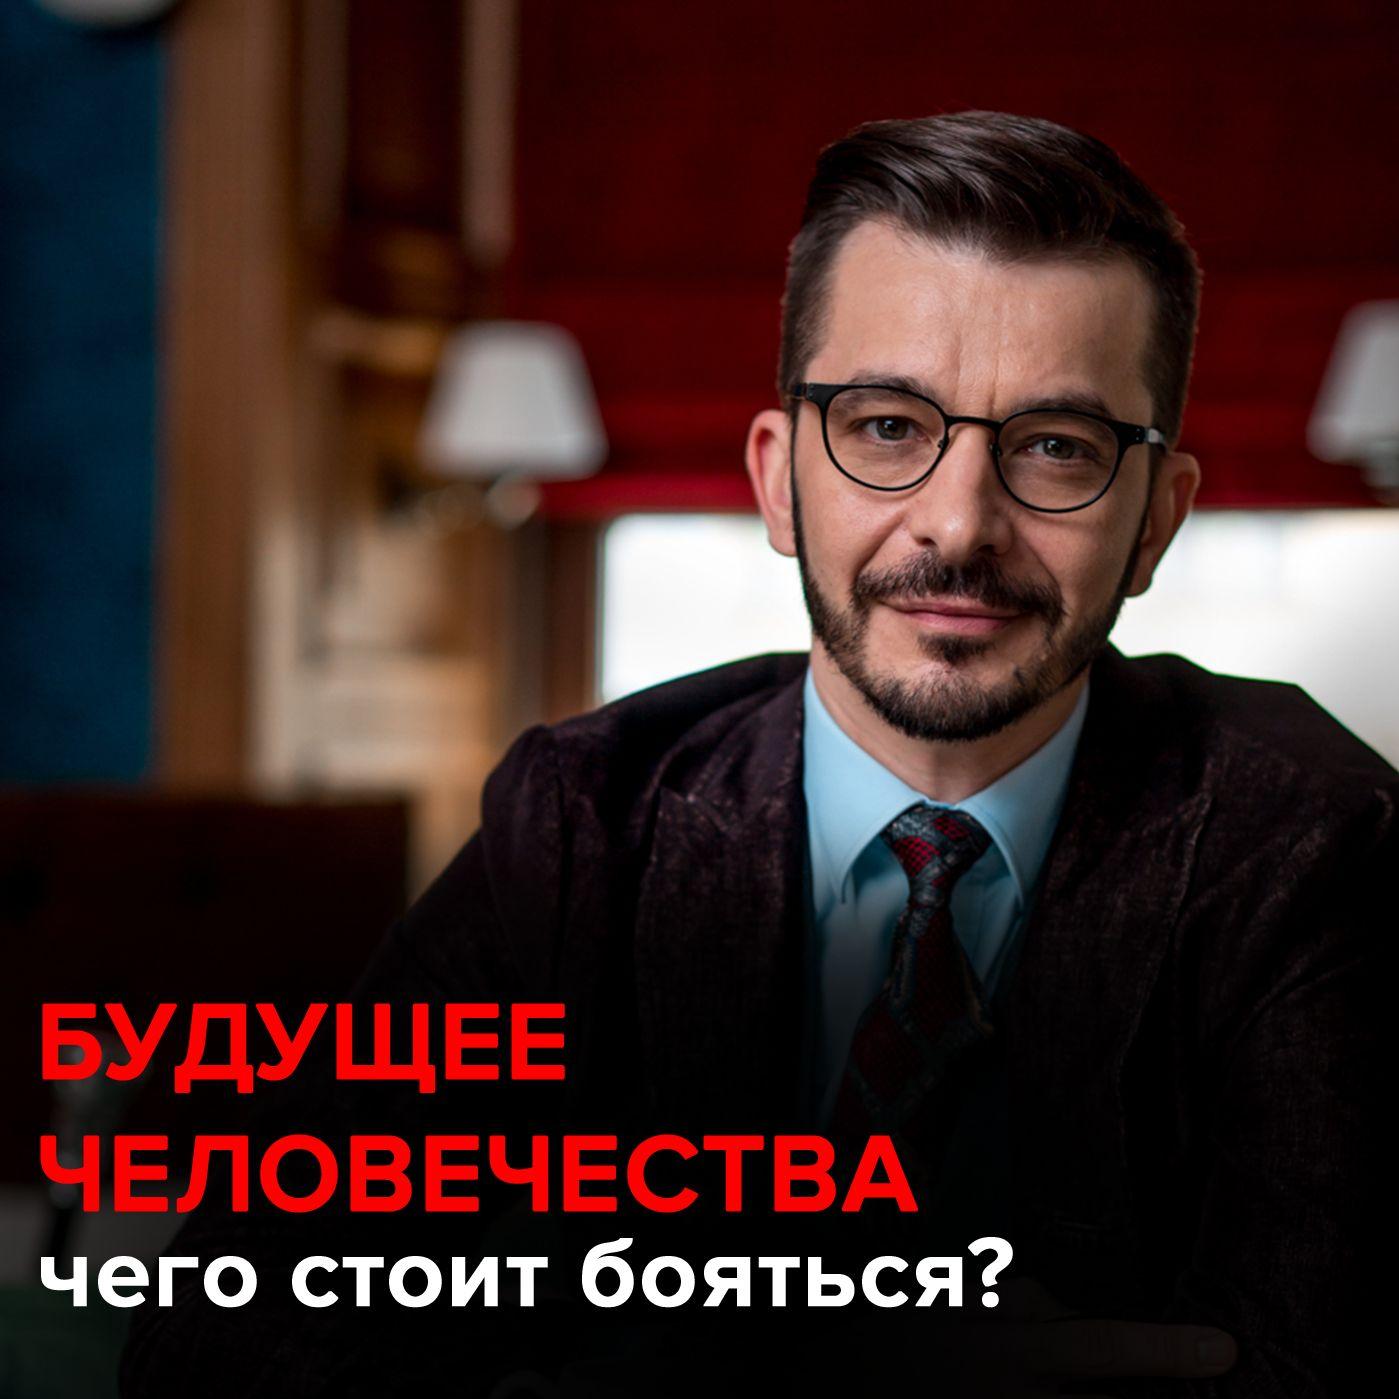 """Что станет с человечеством? Андрей Курпатов на радио """"Серебряный дождь"""""""